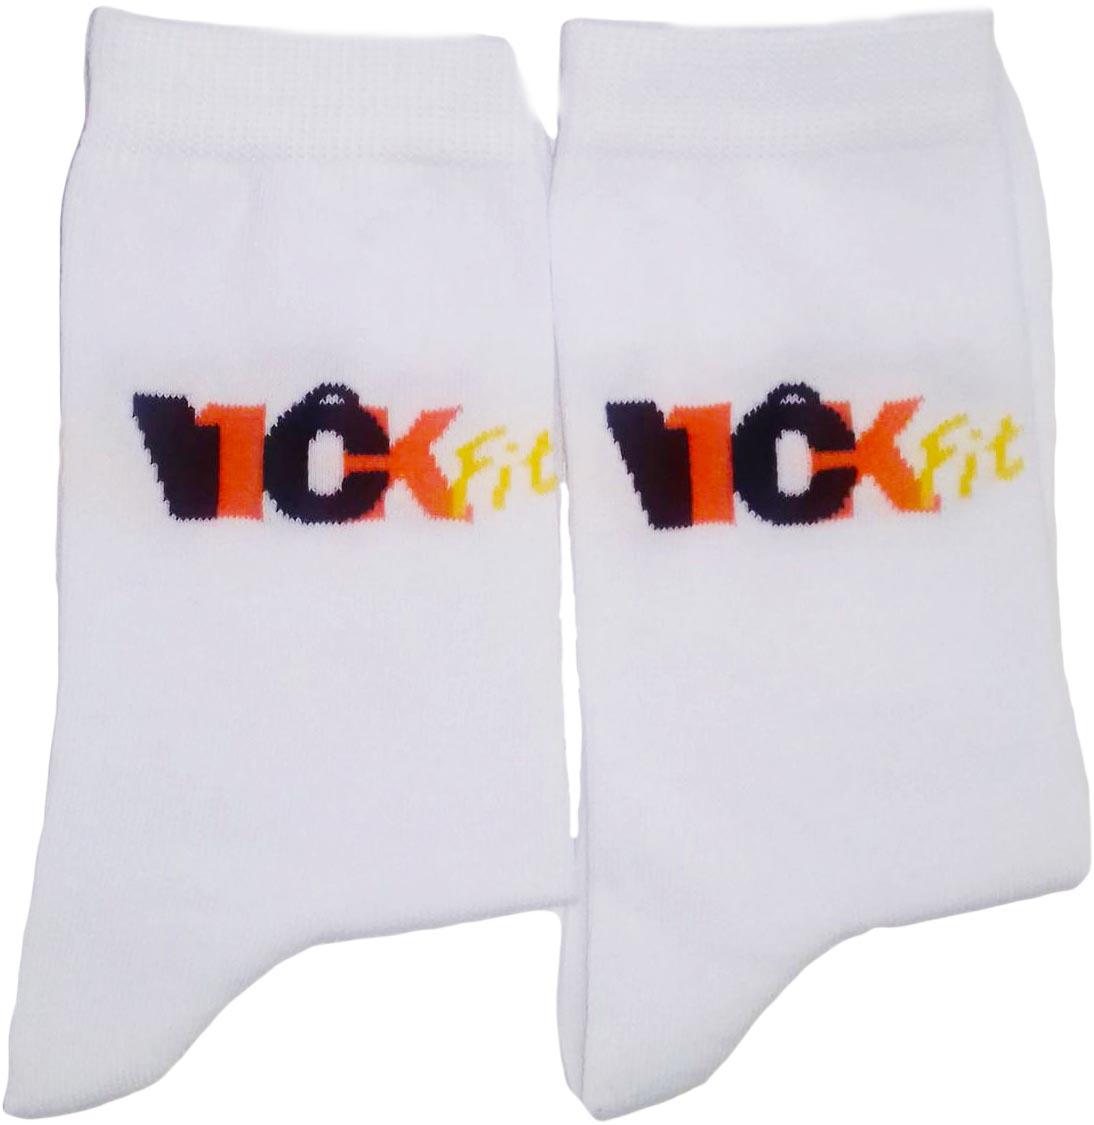 V1CK Fit